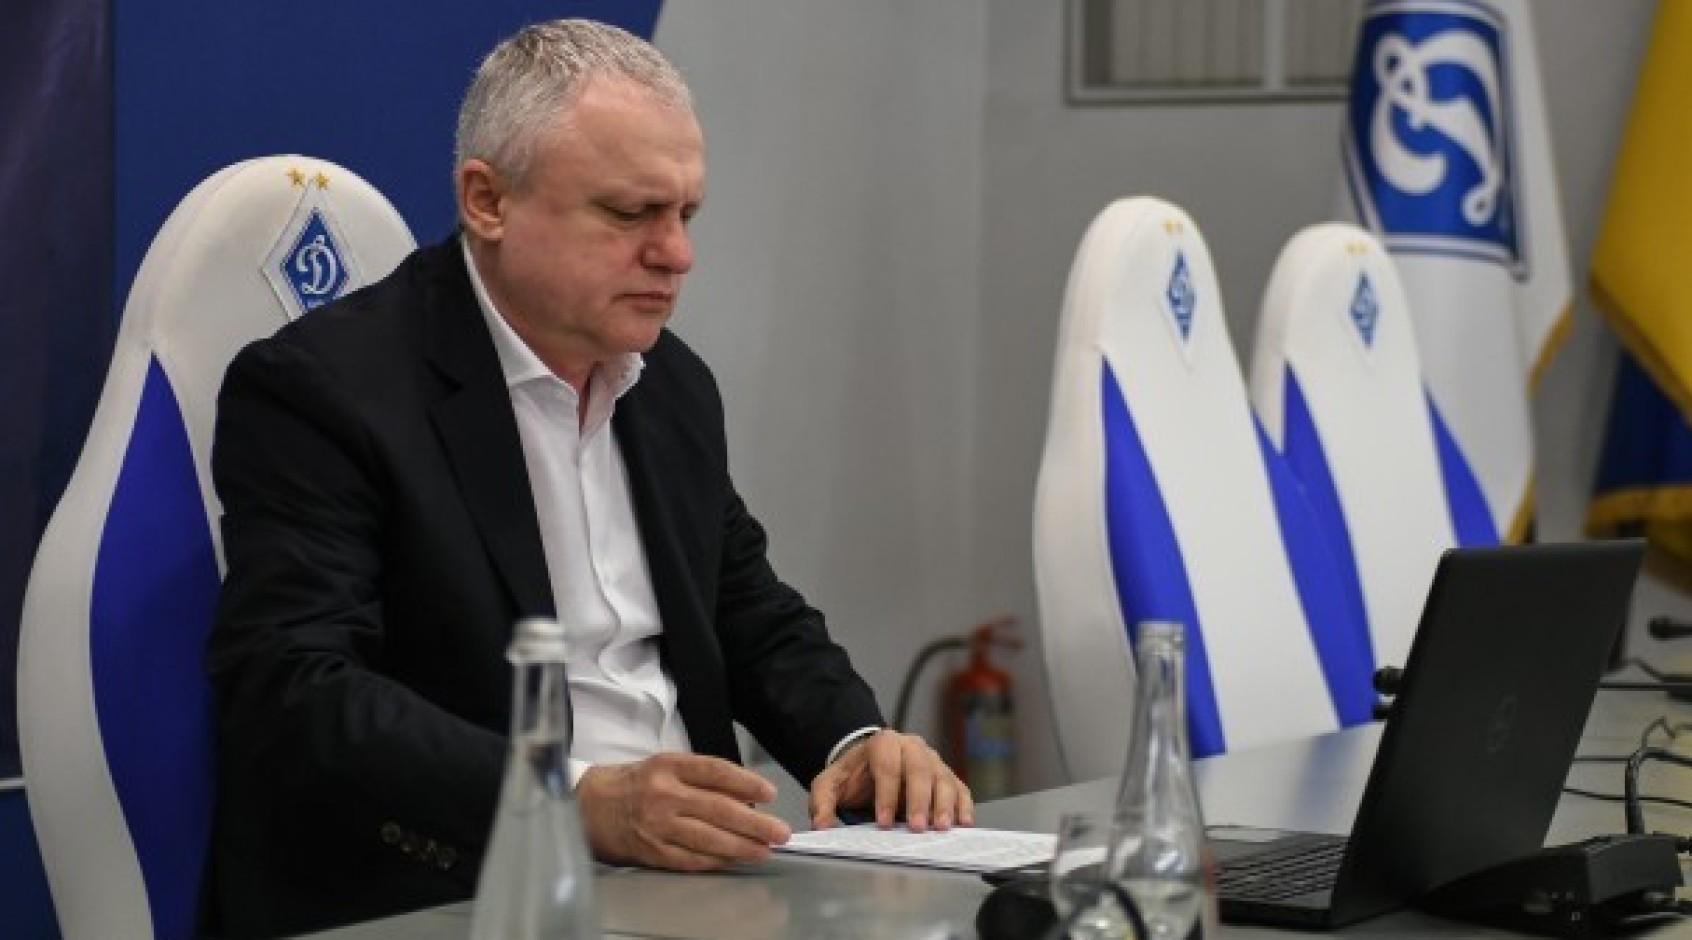 """Игорь Суркис: """"Меня хотят обвинить, что я хотел насолить """"Шахтеру"""" или, что Луческу хорошо знает """"Шахтер"""""""